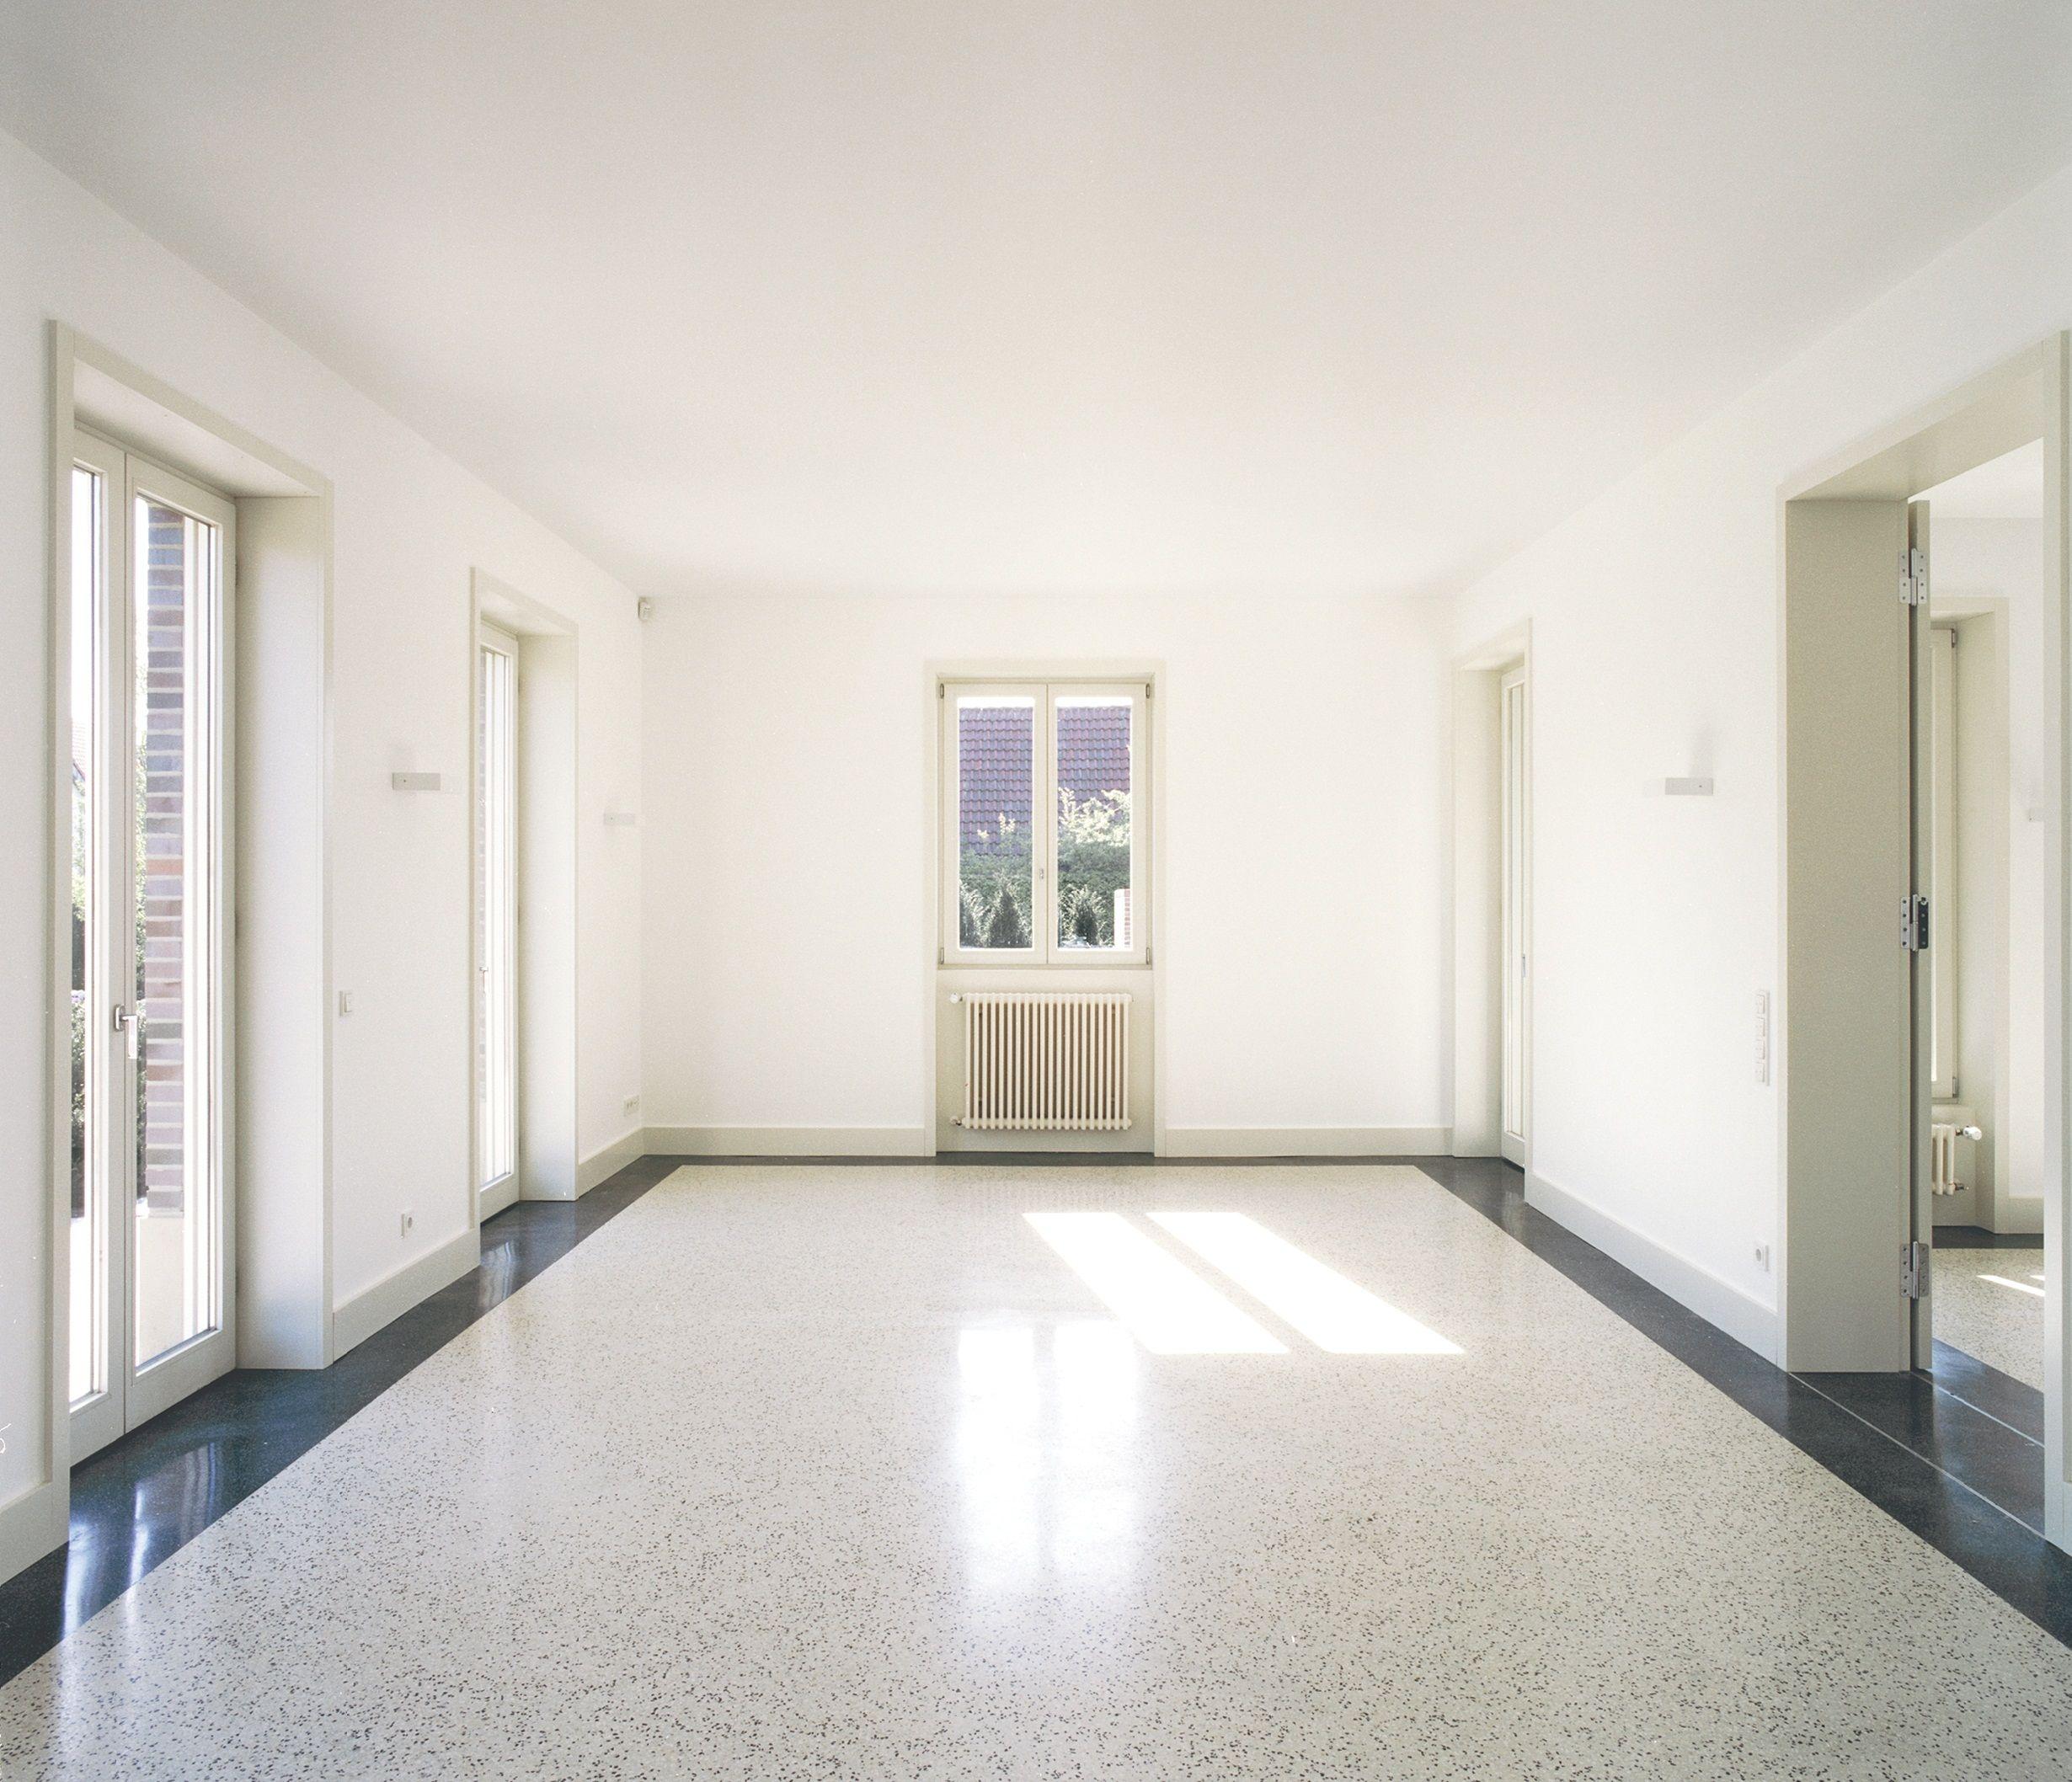 Terazzo Boden ein terrazzoboden im wohnzimmerbereich projekt in hamburg